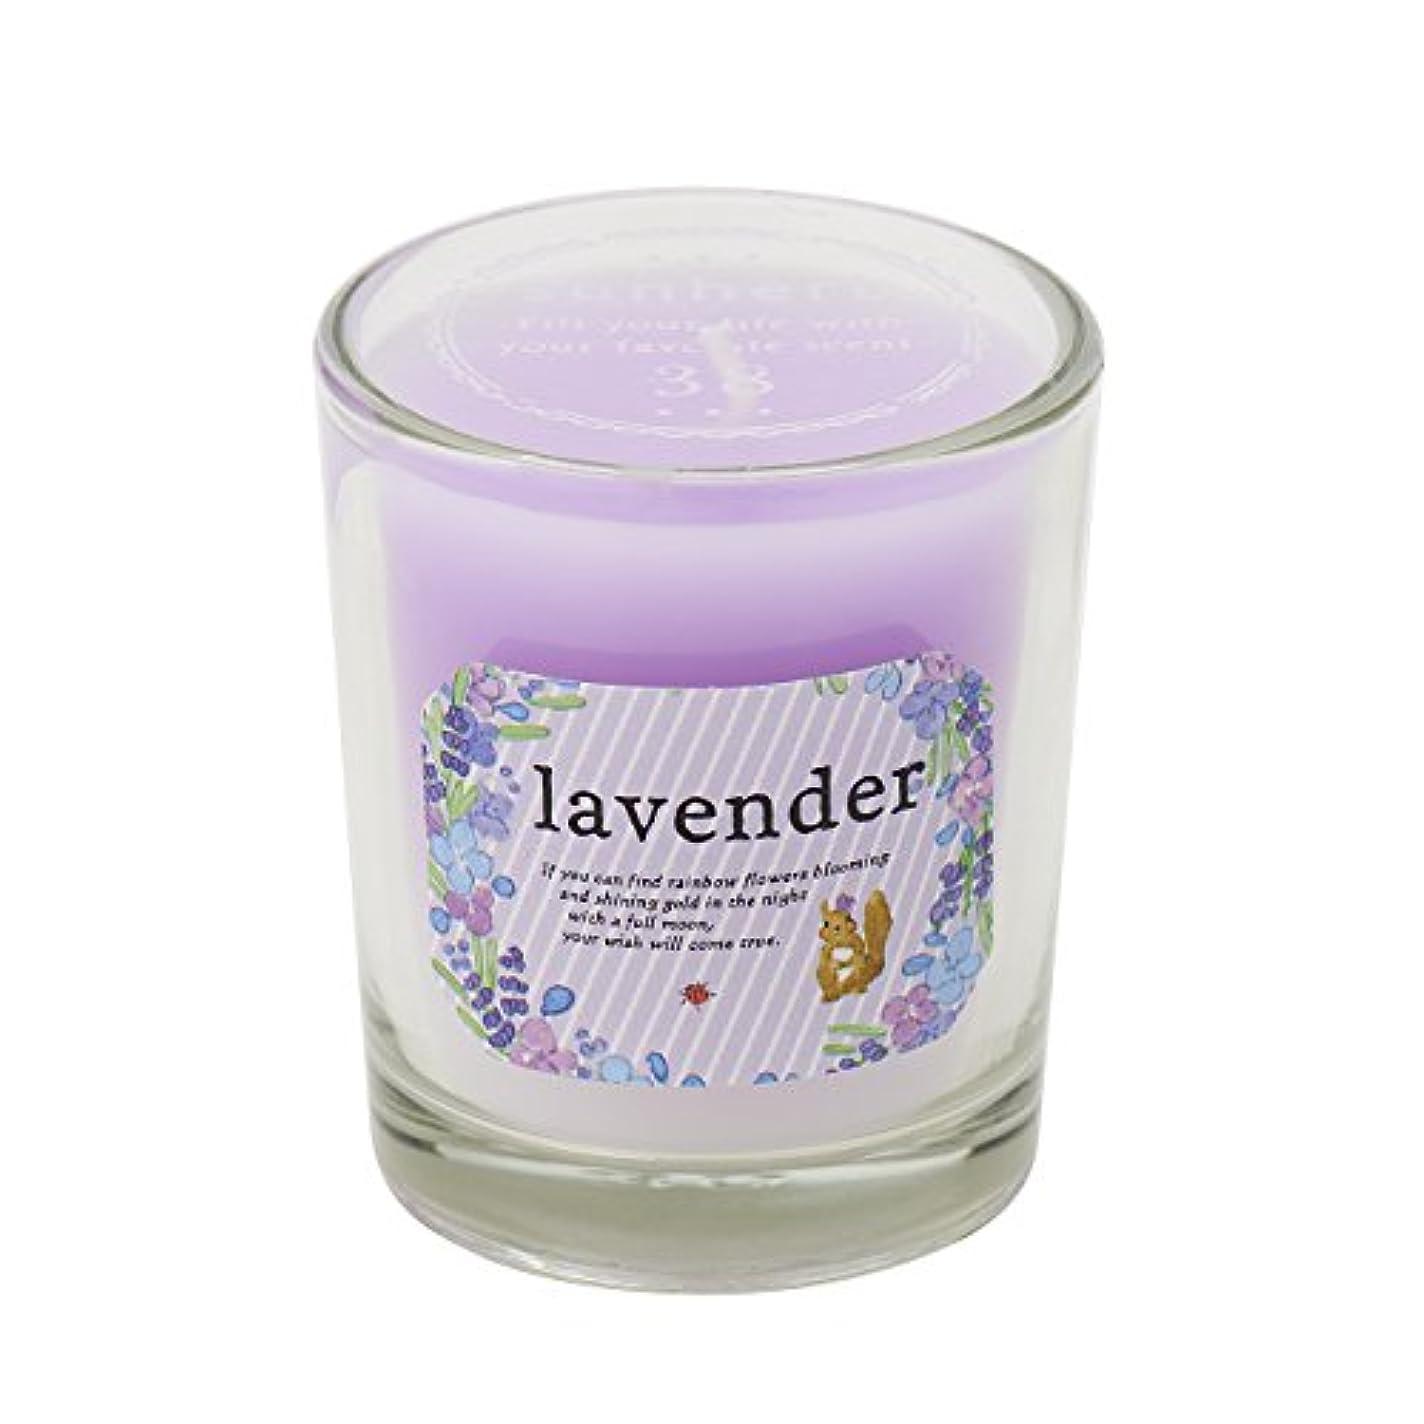 驚いたディンカルビルボイラーサンハーブ グラスキャンドル ラベンダー 35g(グラデーションろうそく 燃焼時間約10時間 ふわっと爽やかなラベンダーの香り)